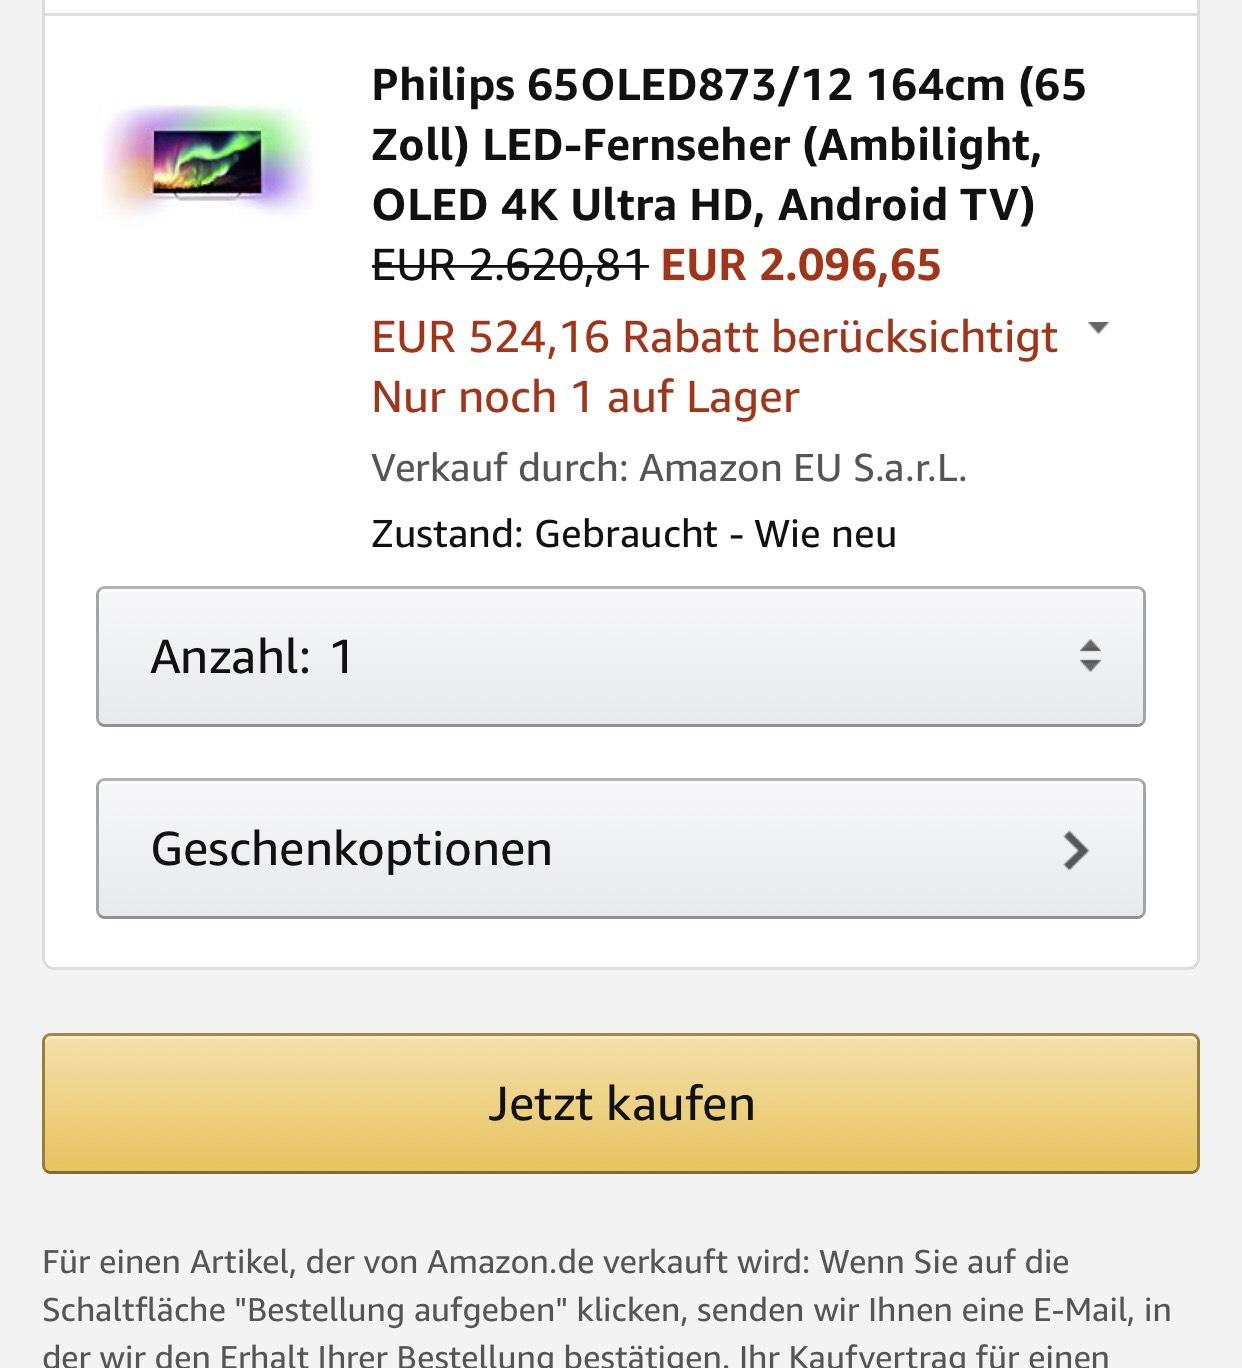 Philips 65OLED873/12 Amazon Warehouse Deals -20% Zustand wie Neu für 2096€